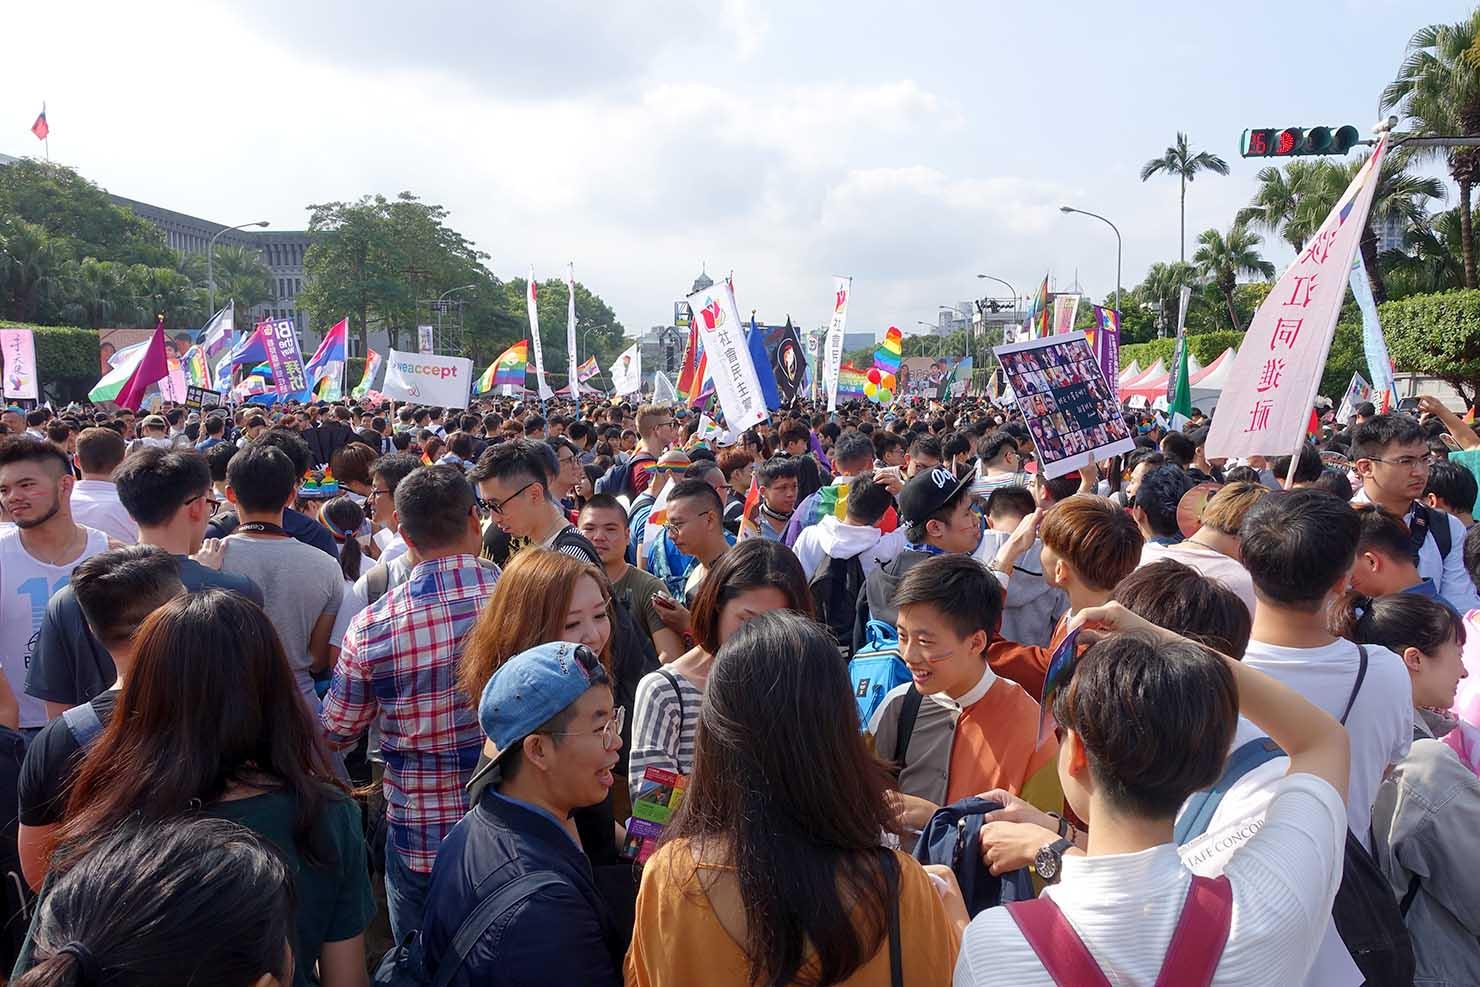 台湾LGBTプライド(台灣同志遊行)2017の集合地点となった凱達格蘭大道